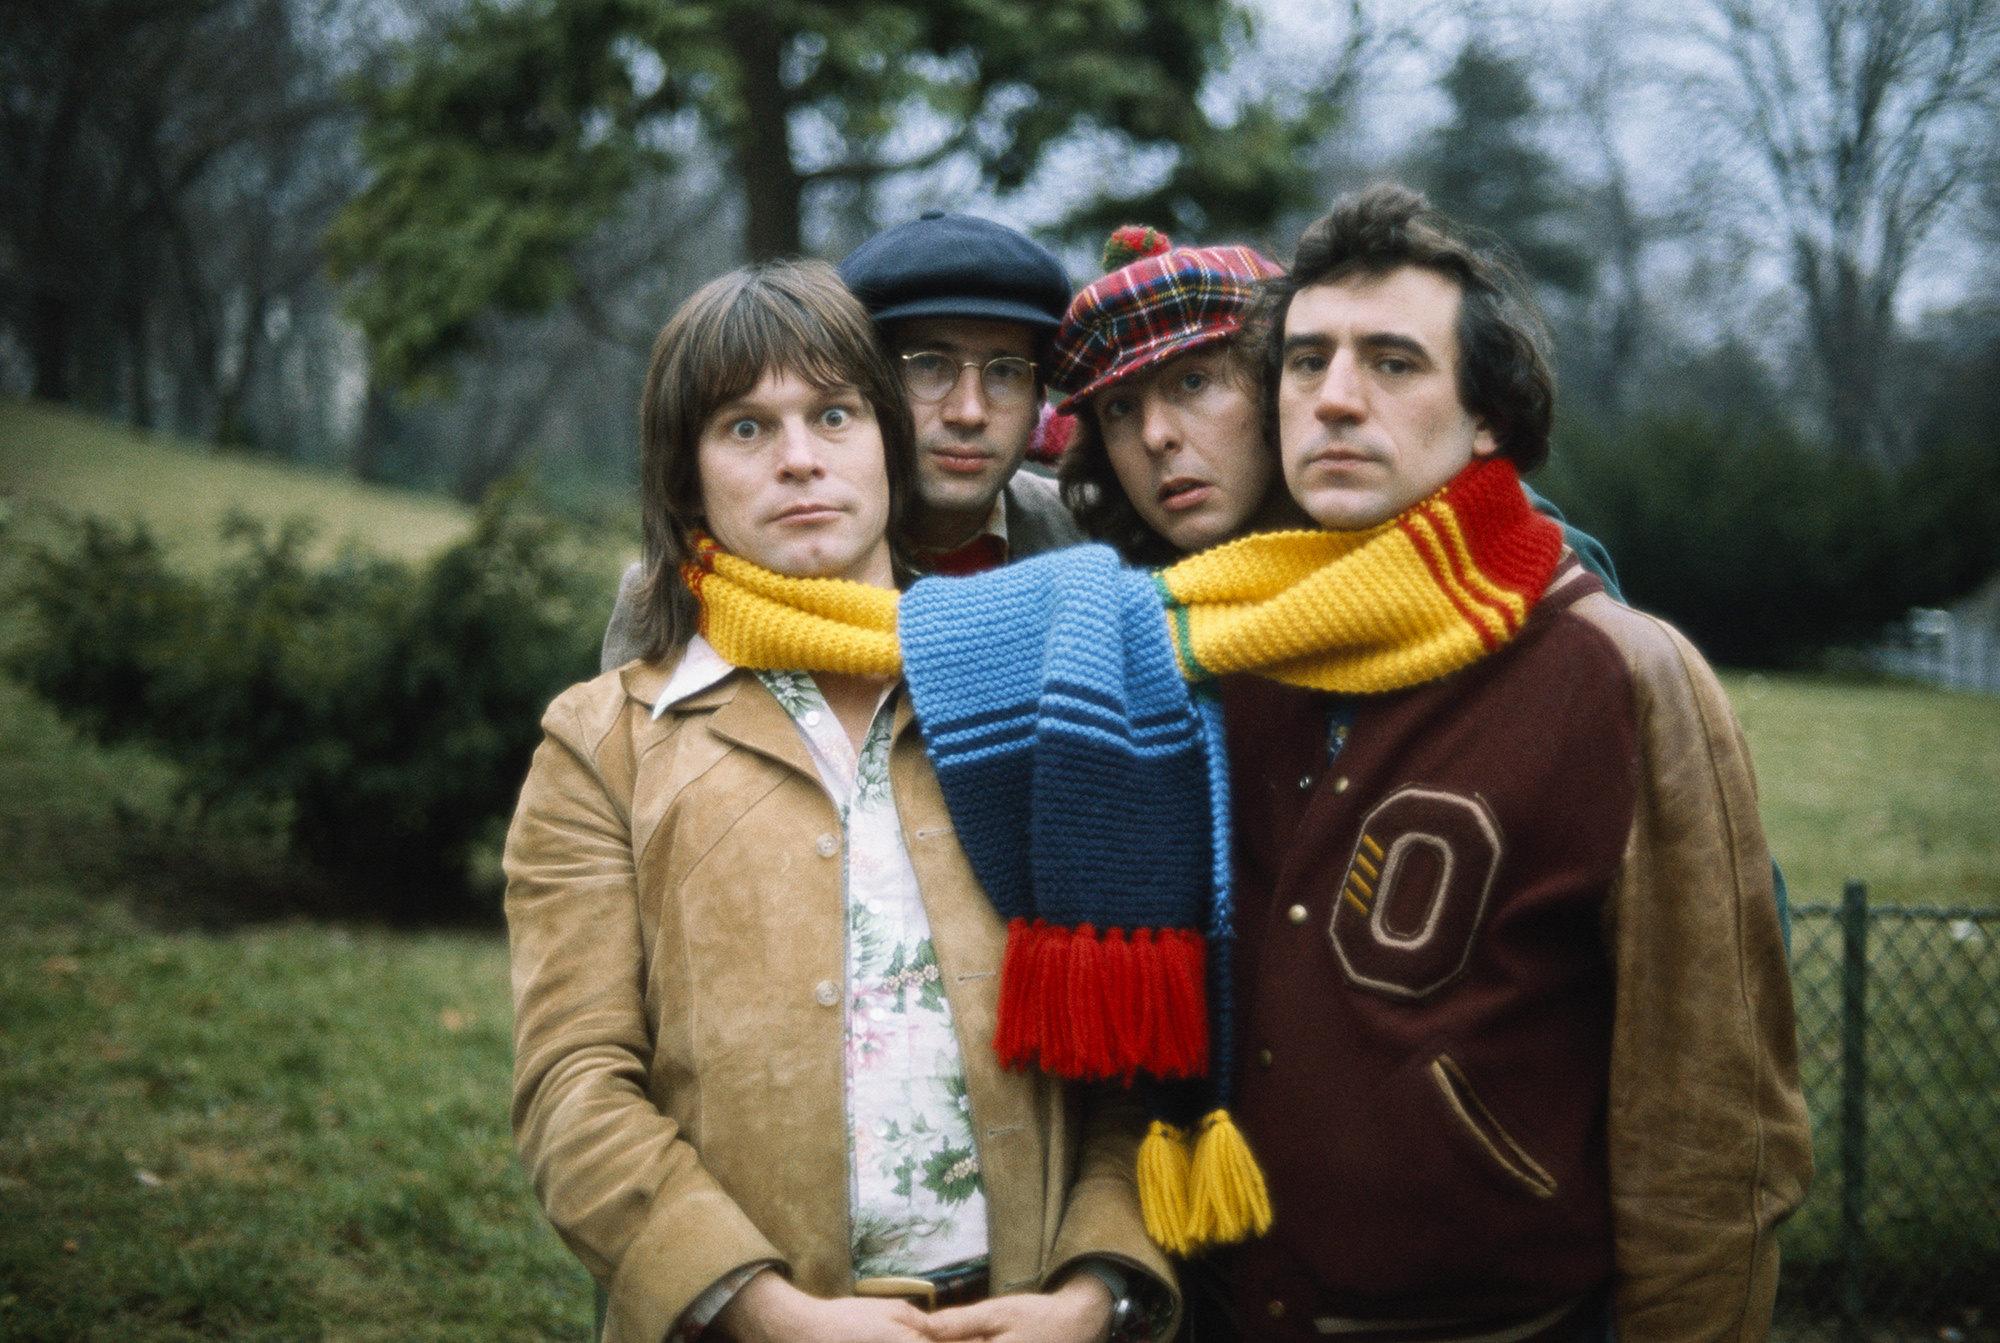 Слева направо: Терри Гиллиам, музыкант Нил Иннес, Эрик Айдл иТерри Джонс